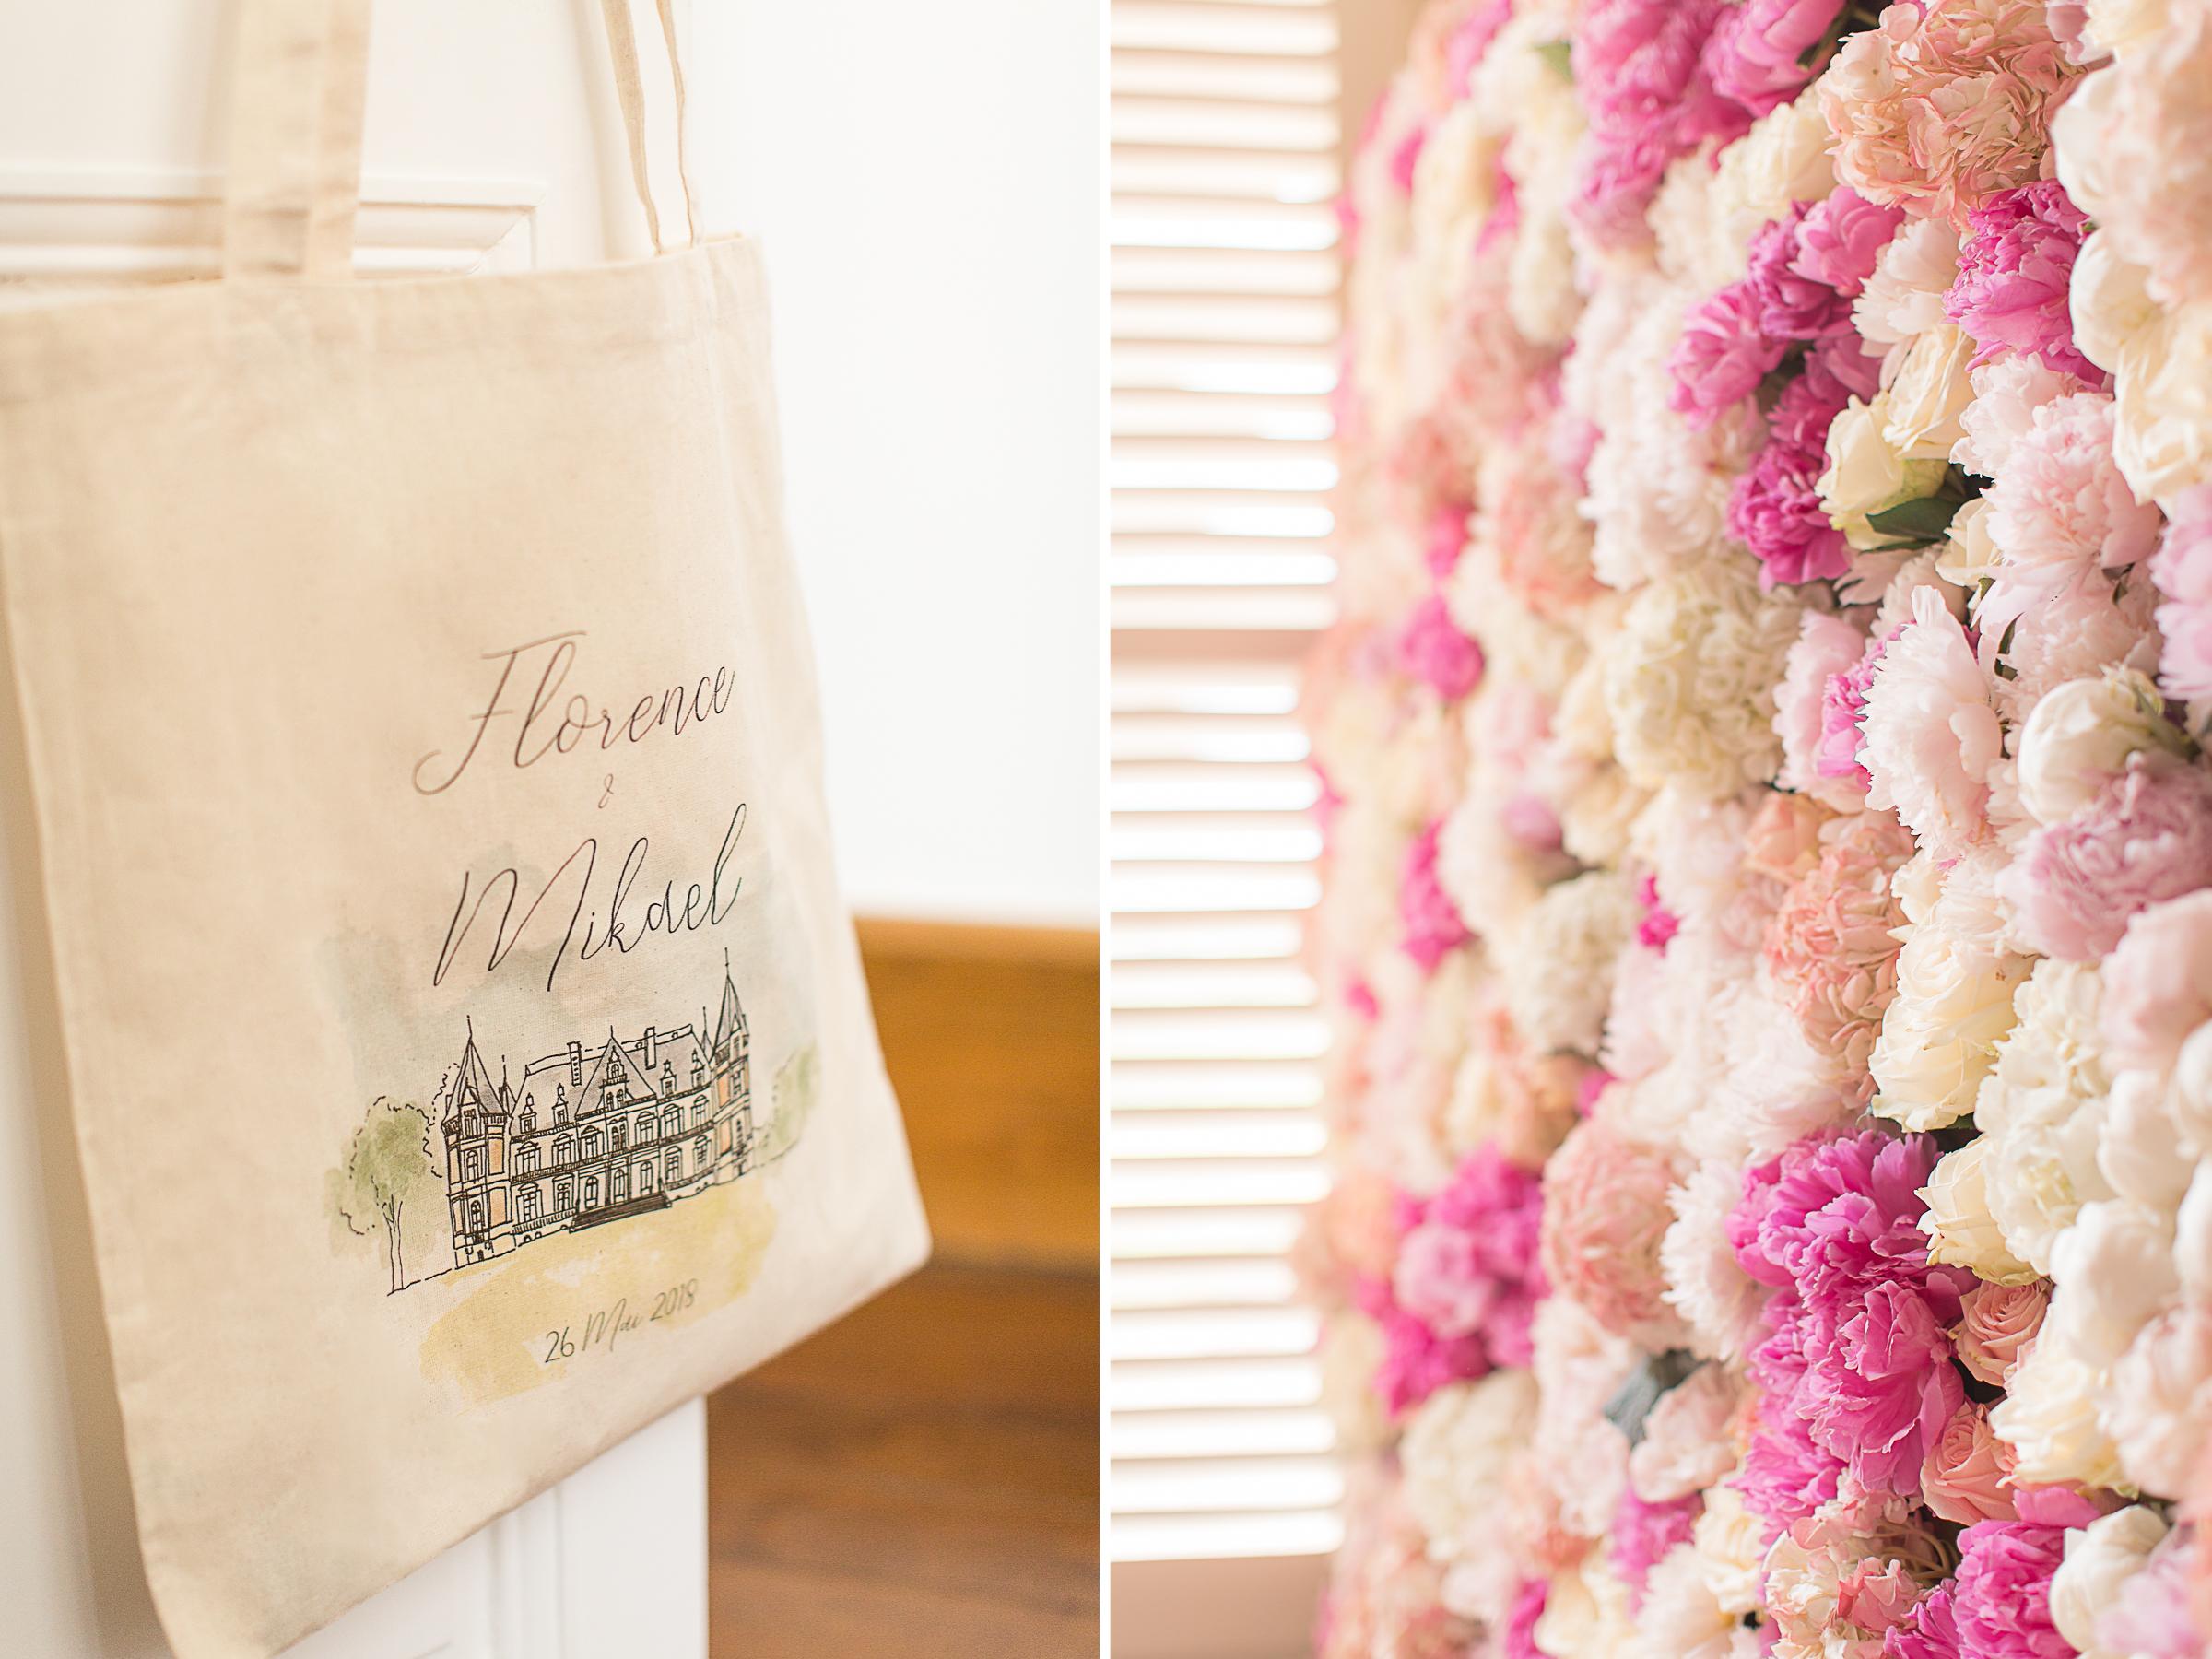 cadeau des mariés et mur de roses